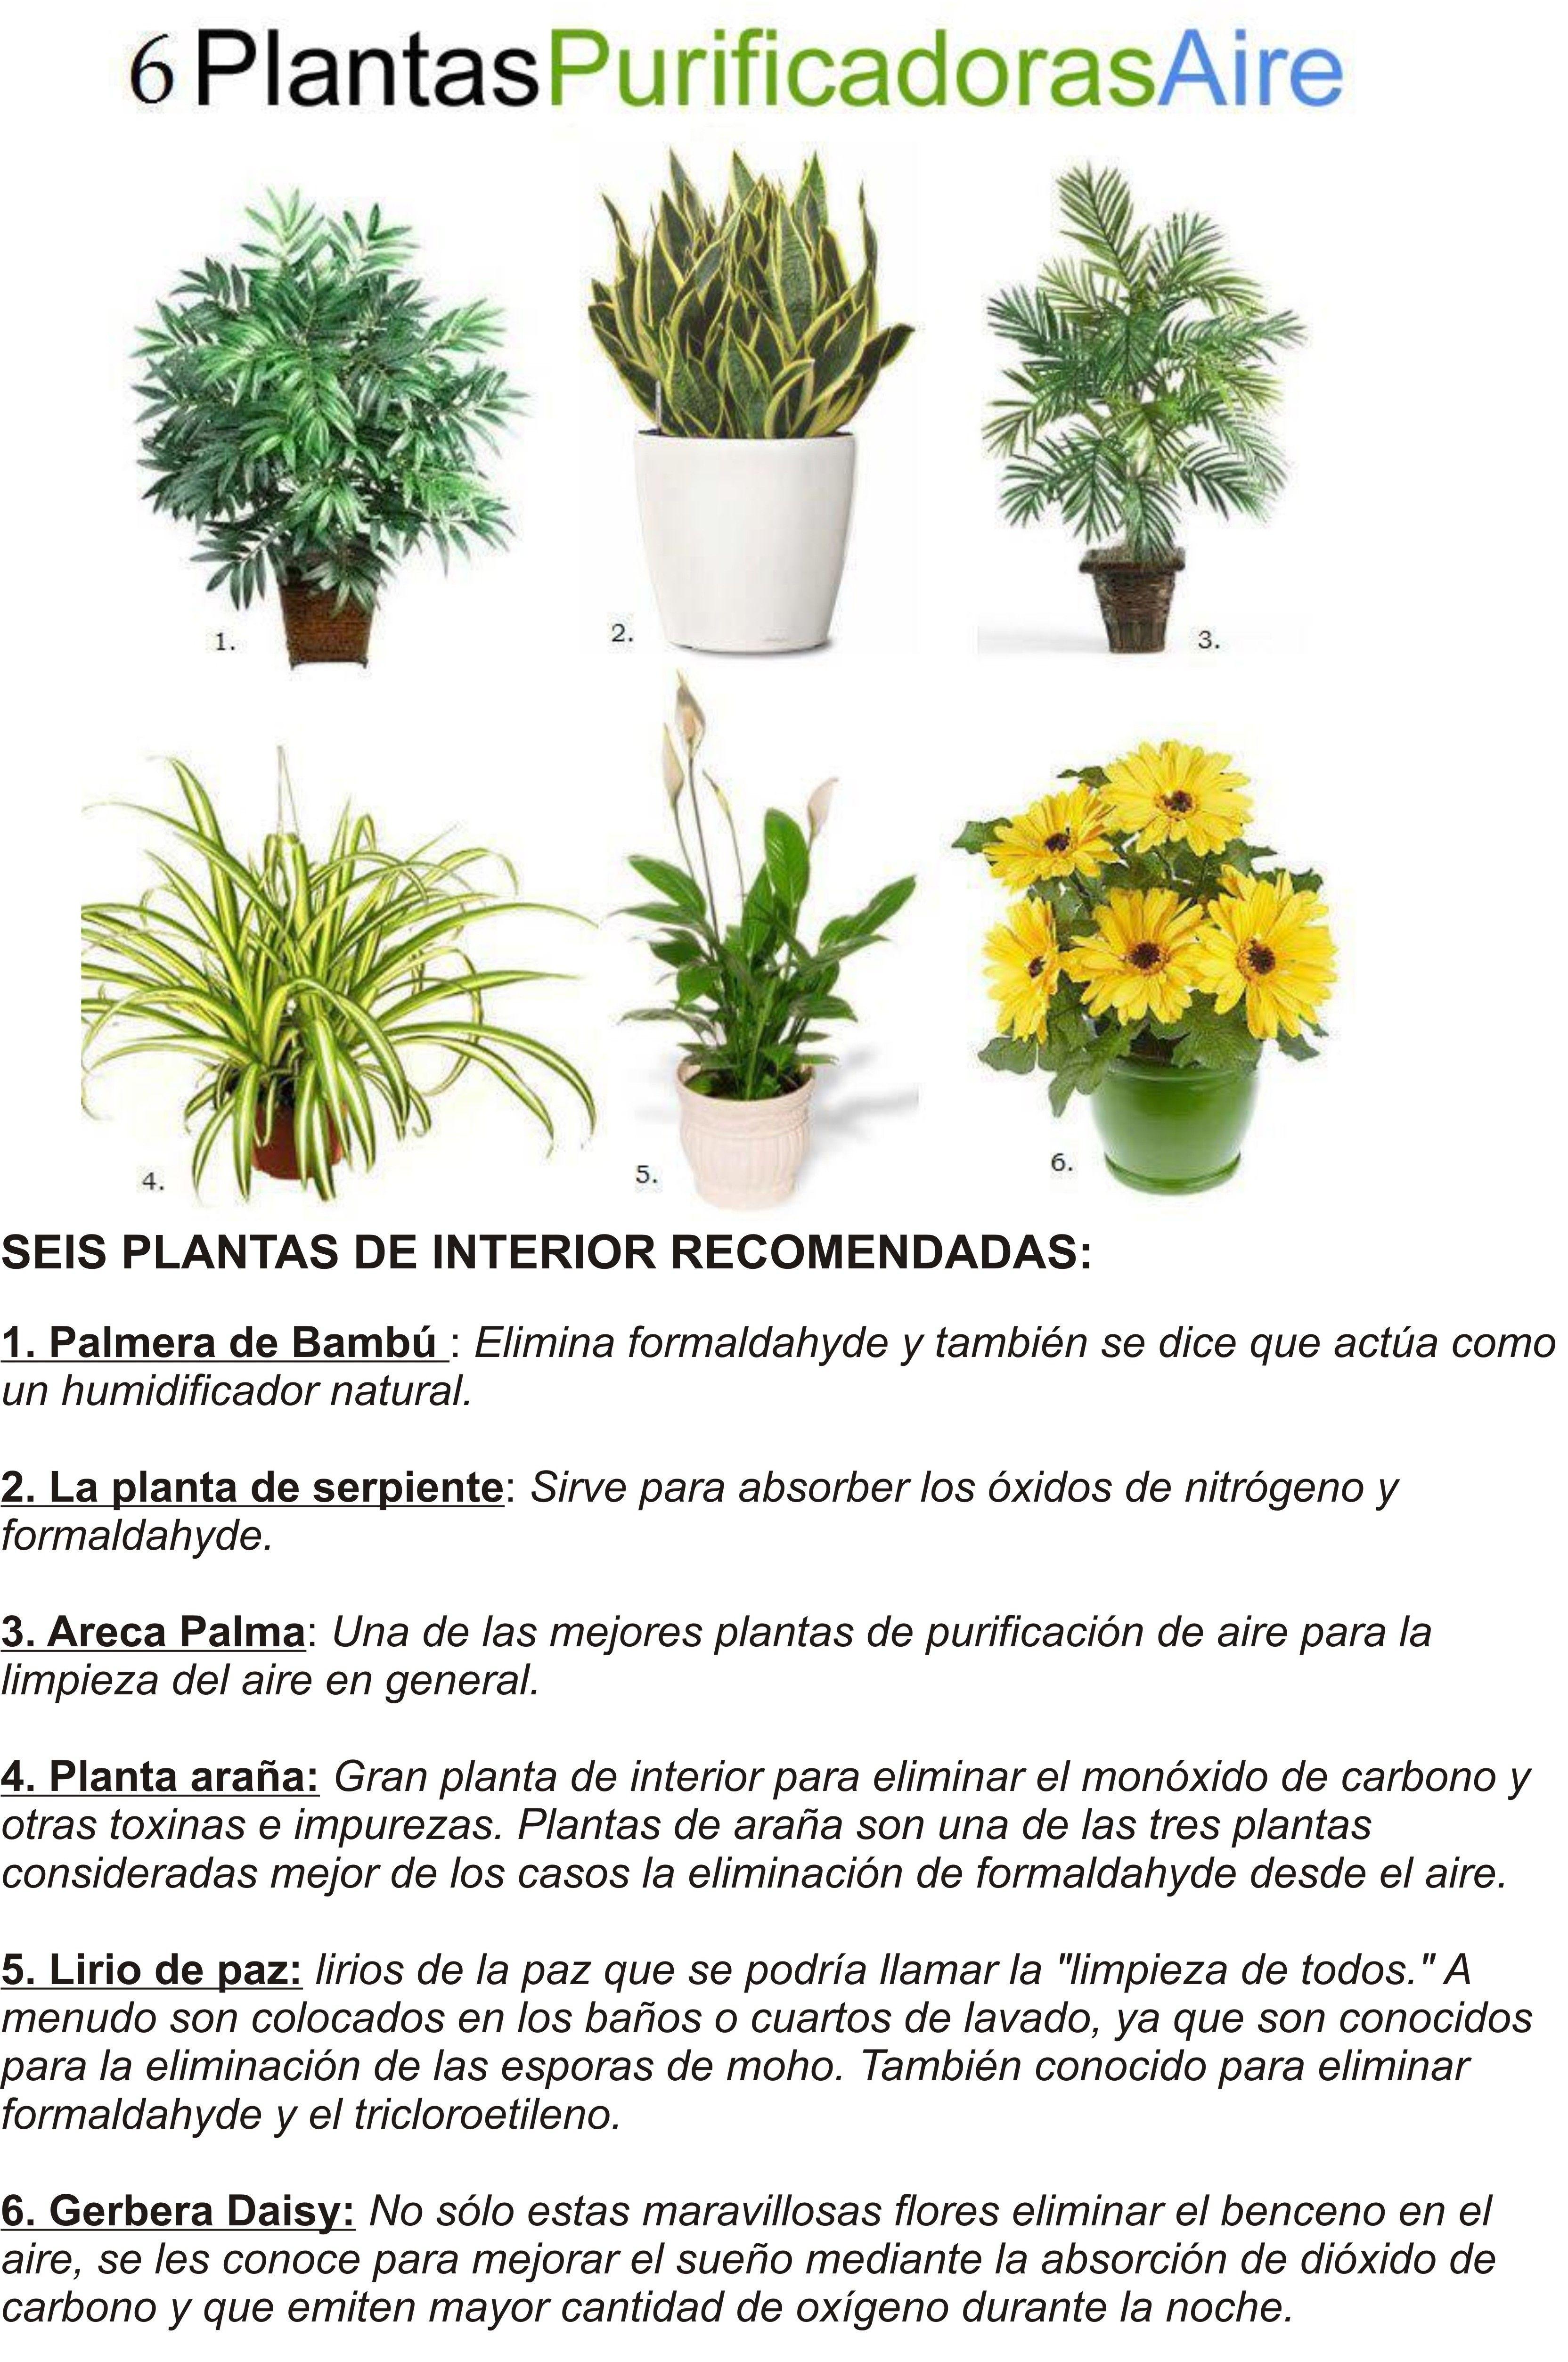 Plantas De Interior Purificadoras De Aire Con Imagenes Plantas